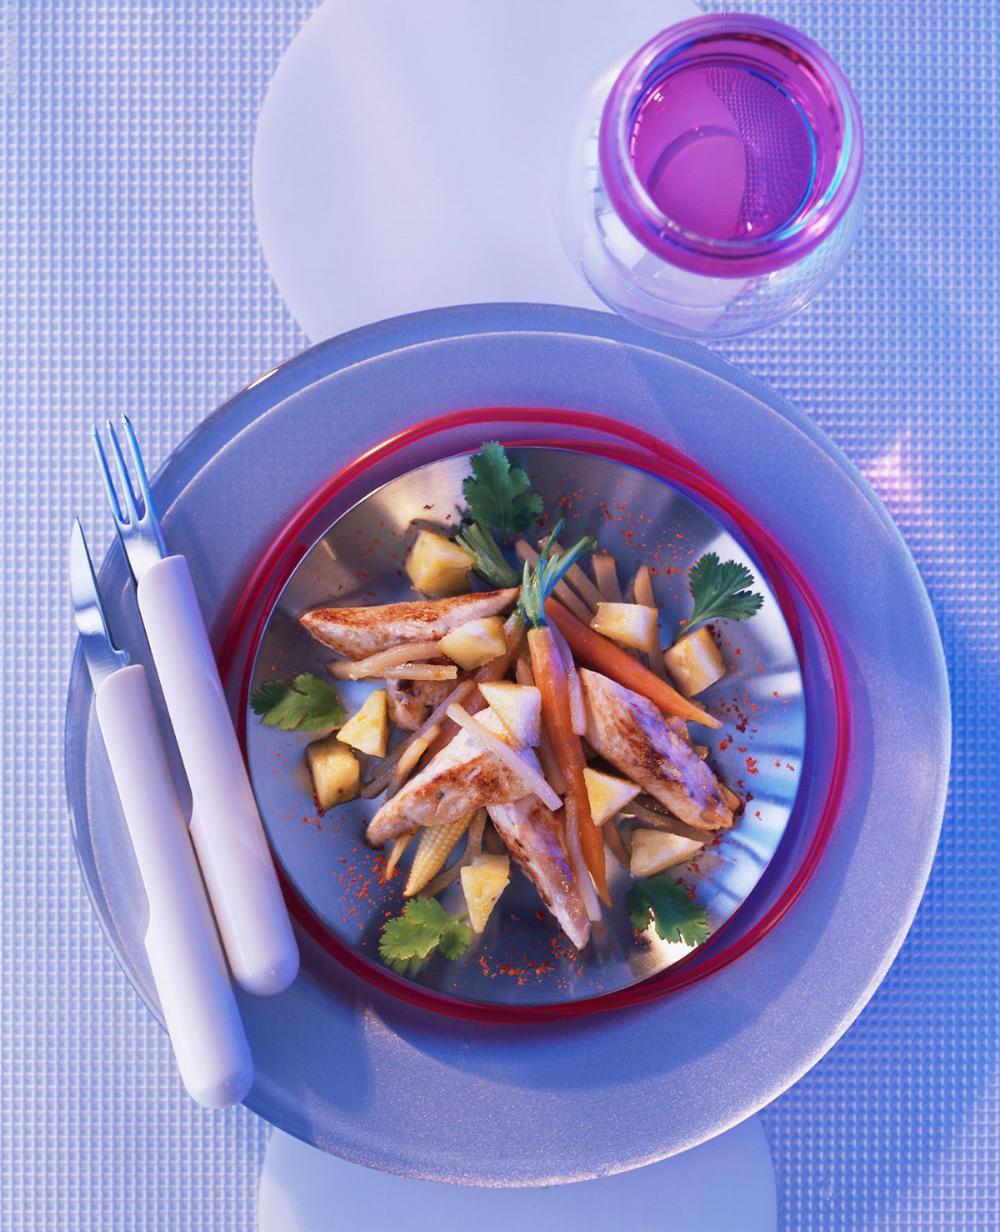 引用元: http://www.vice.com/en_au/read/astronauts-gourmet-food-in-space-alain-ducasse-876